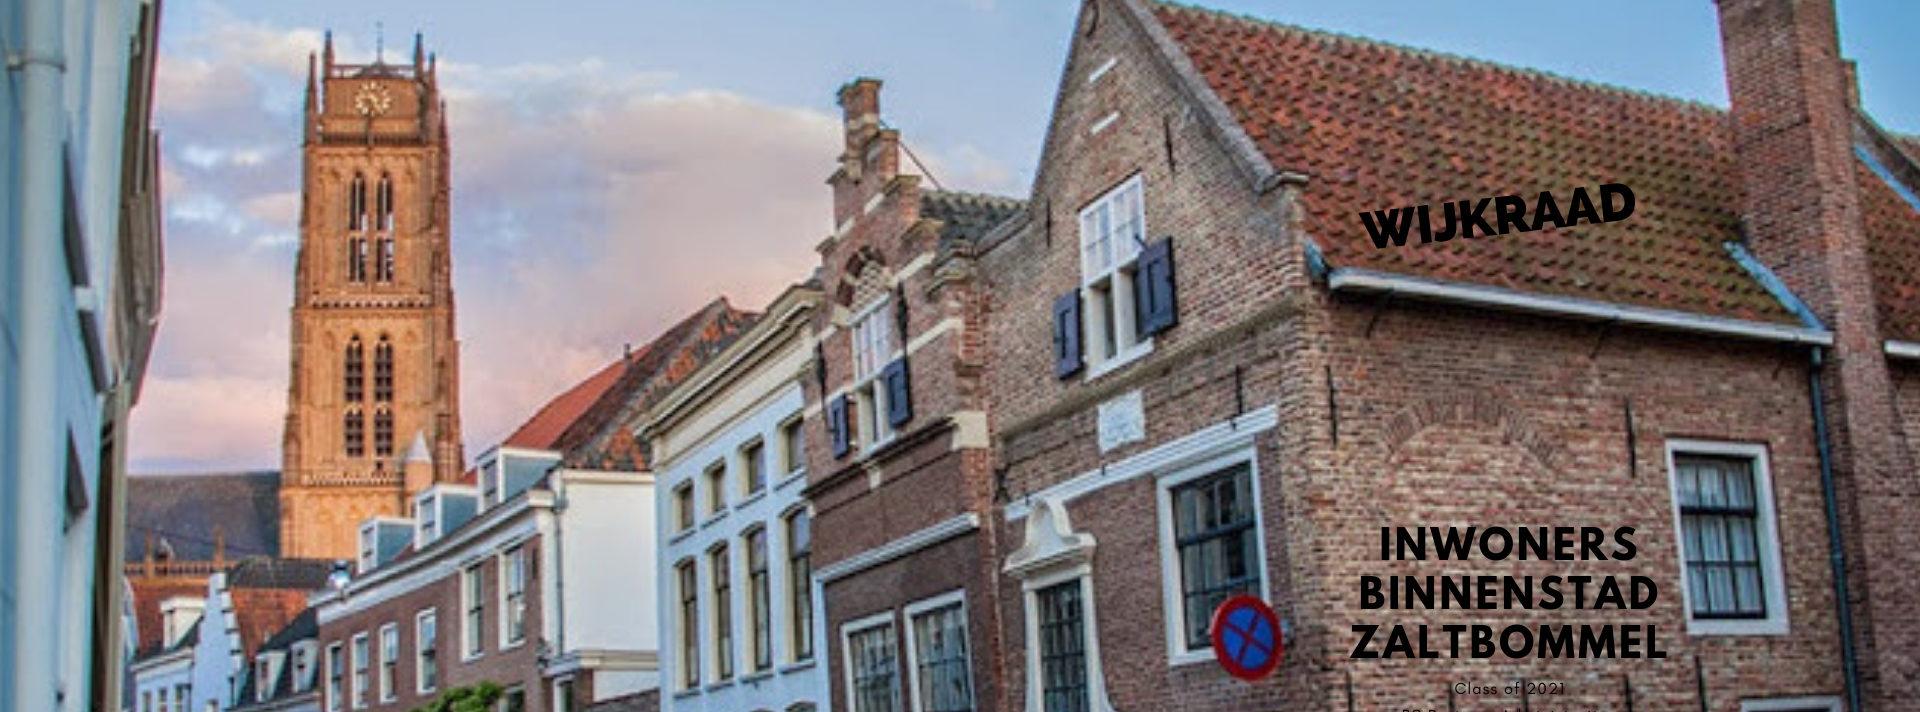 Wijkraad Binnenstad Zaltbommel